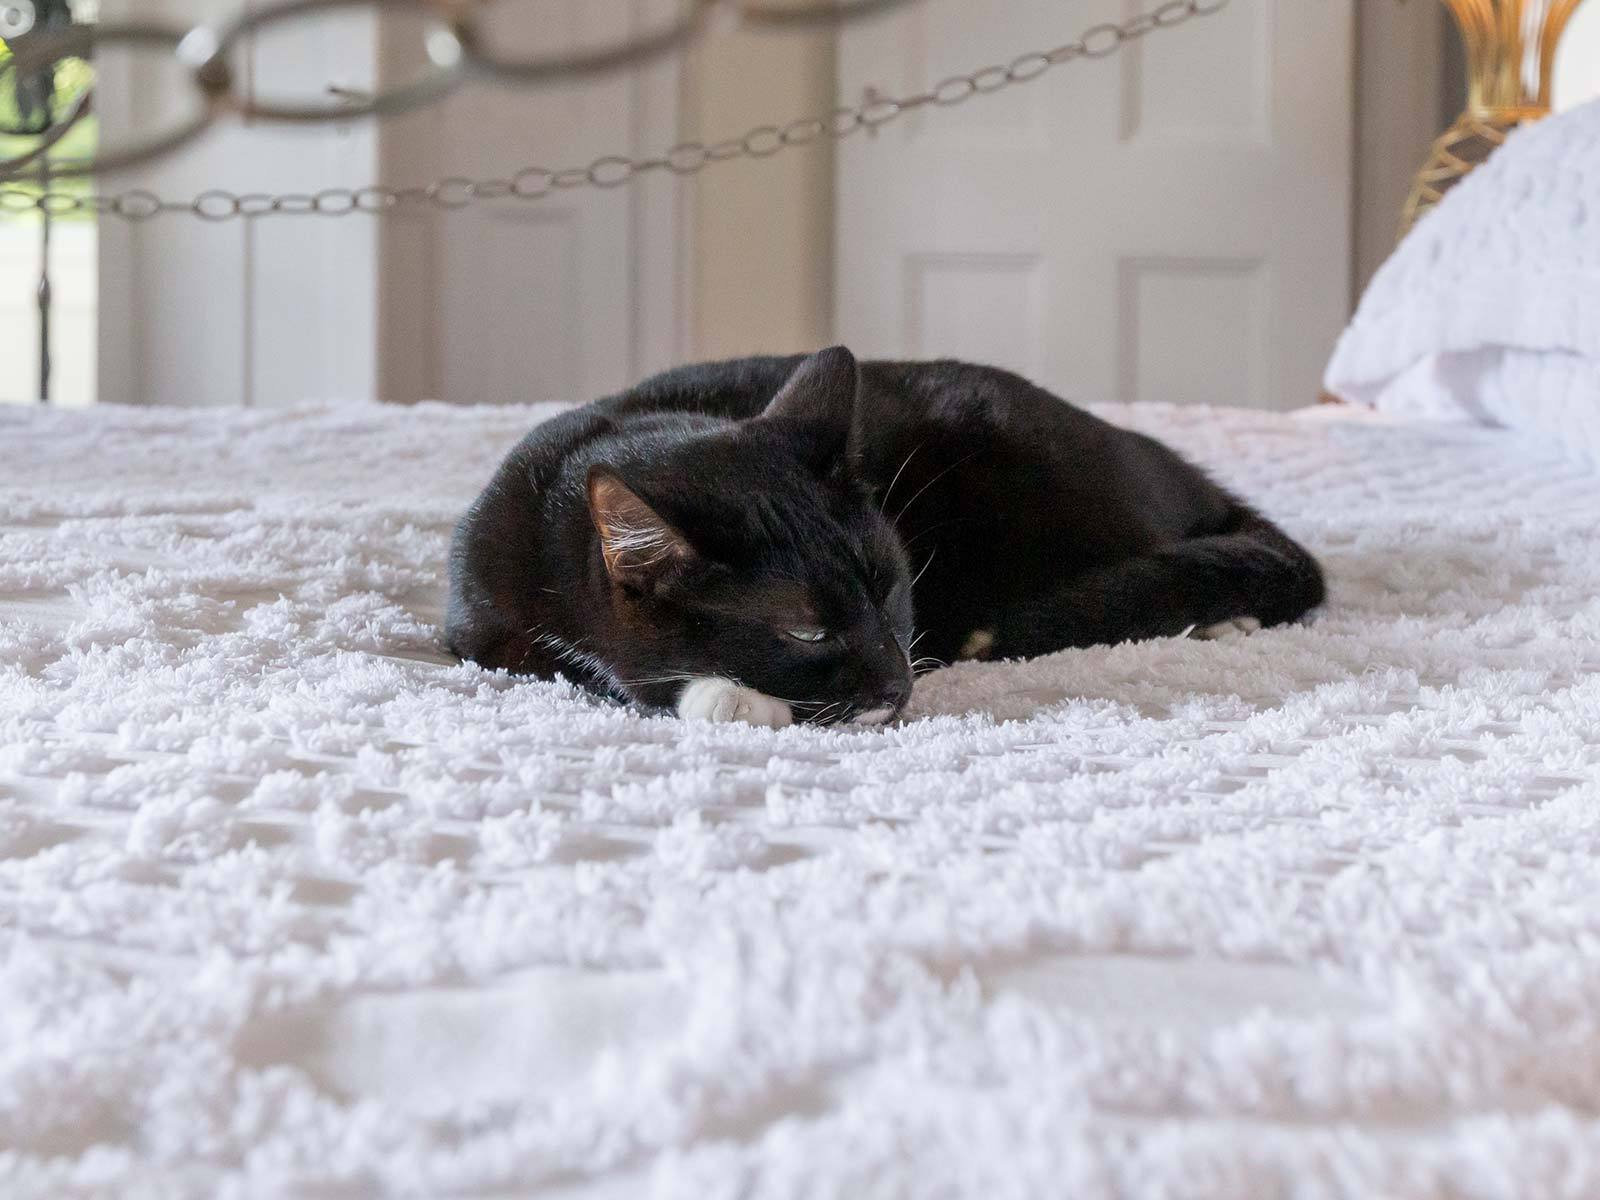 katzen ernest hemingway haus florida